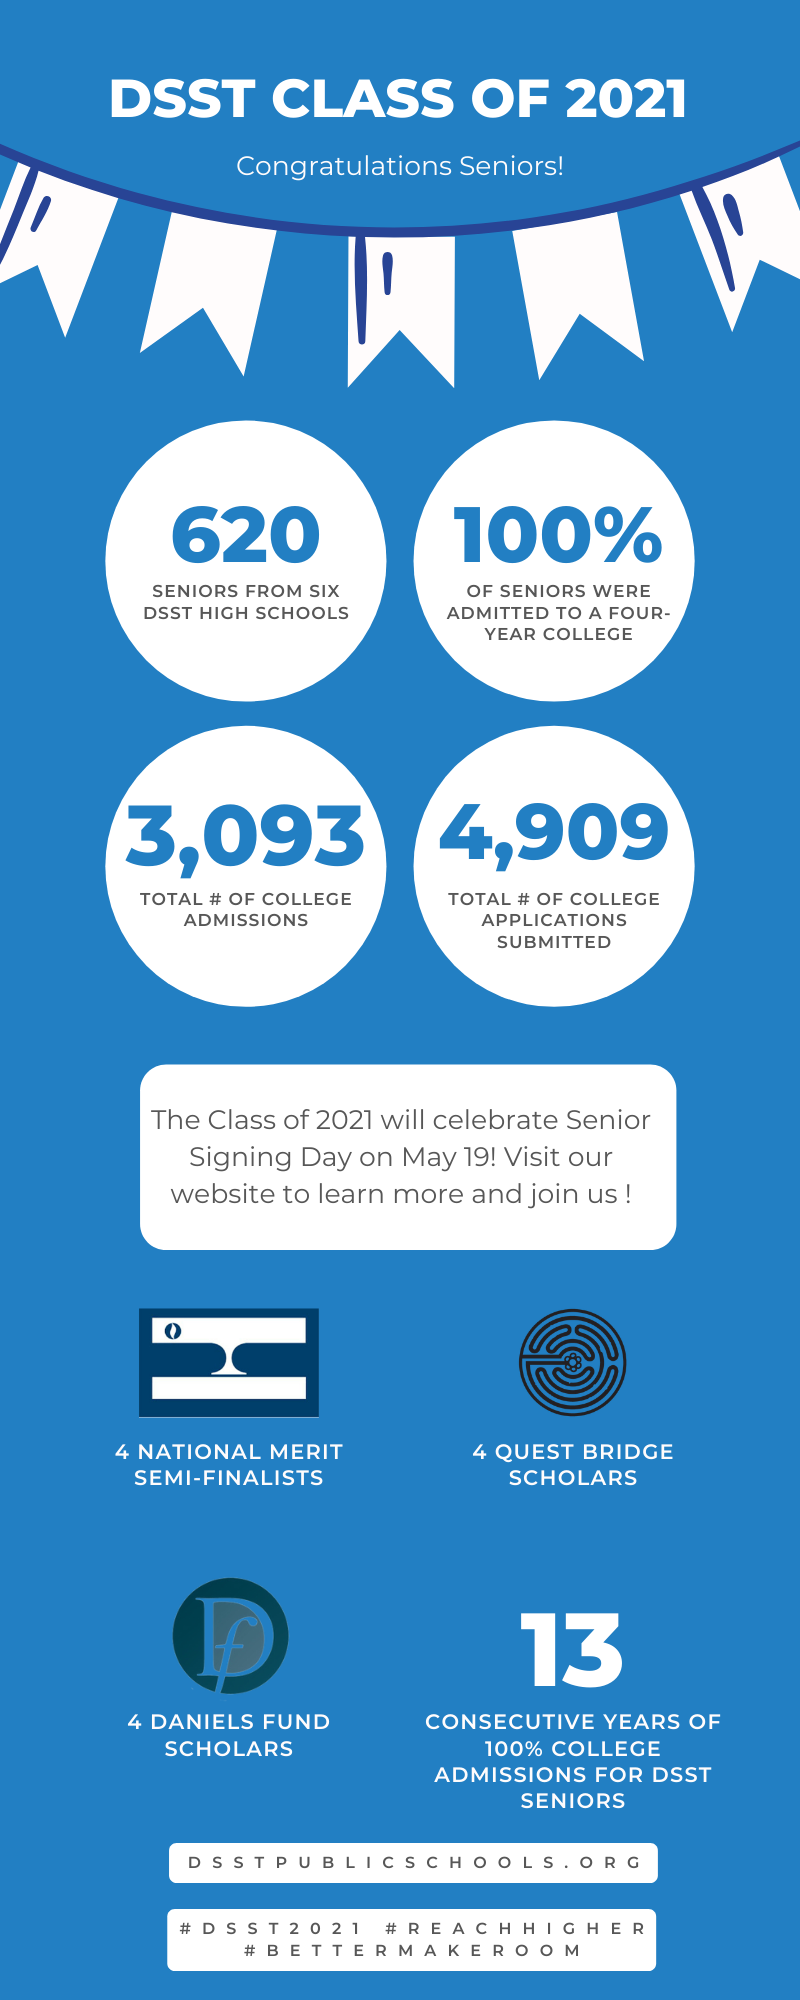 DSST CLASS of 2021